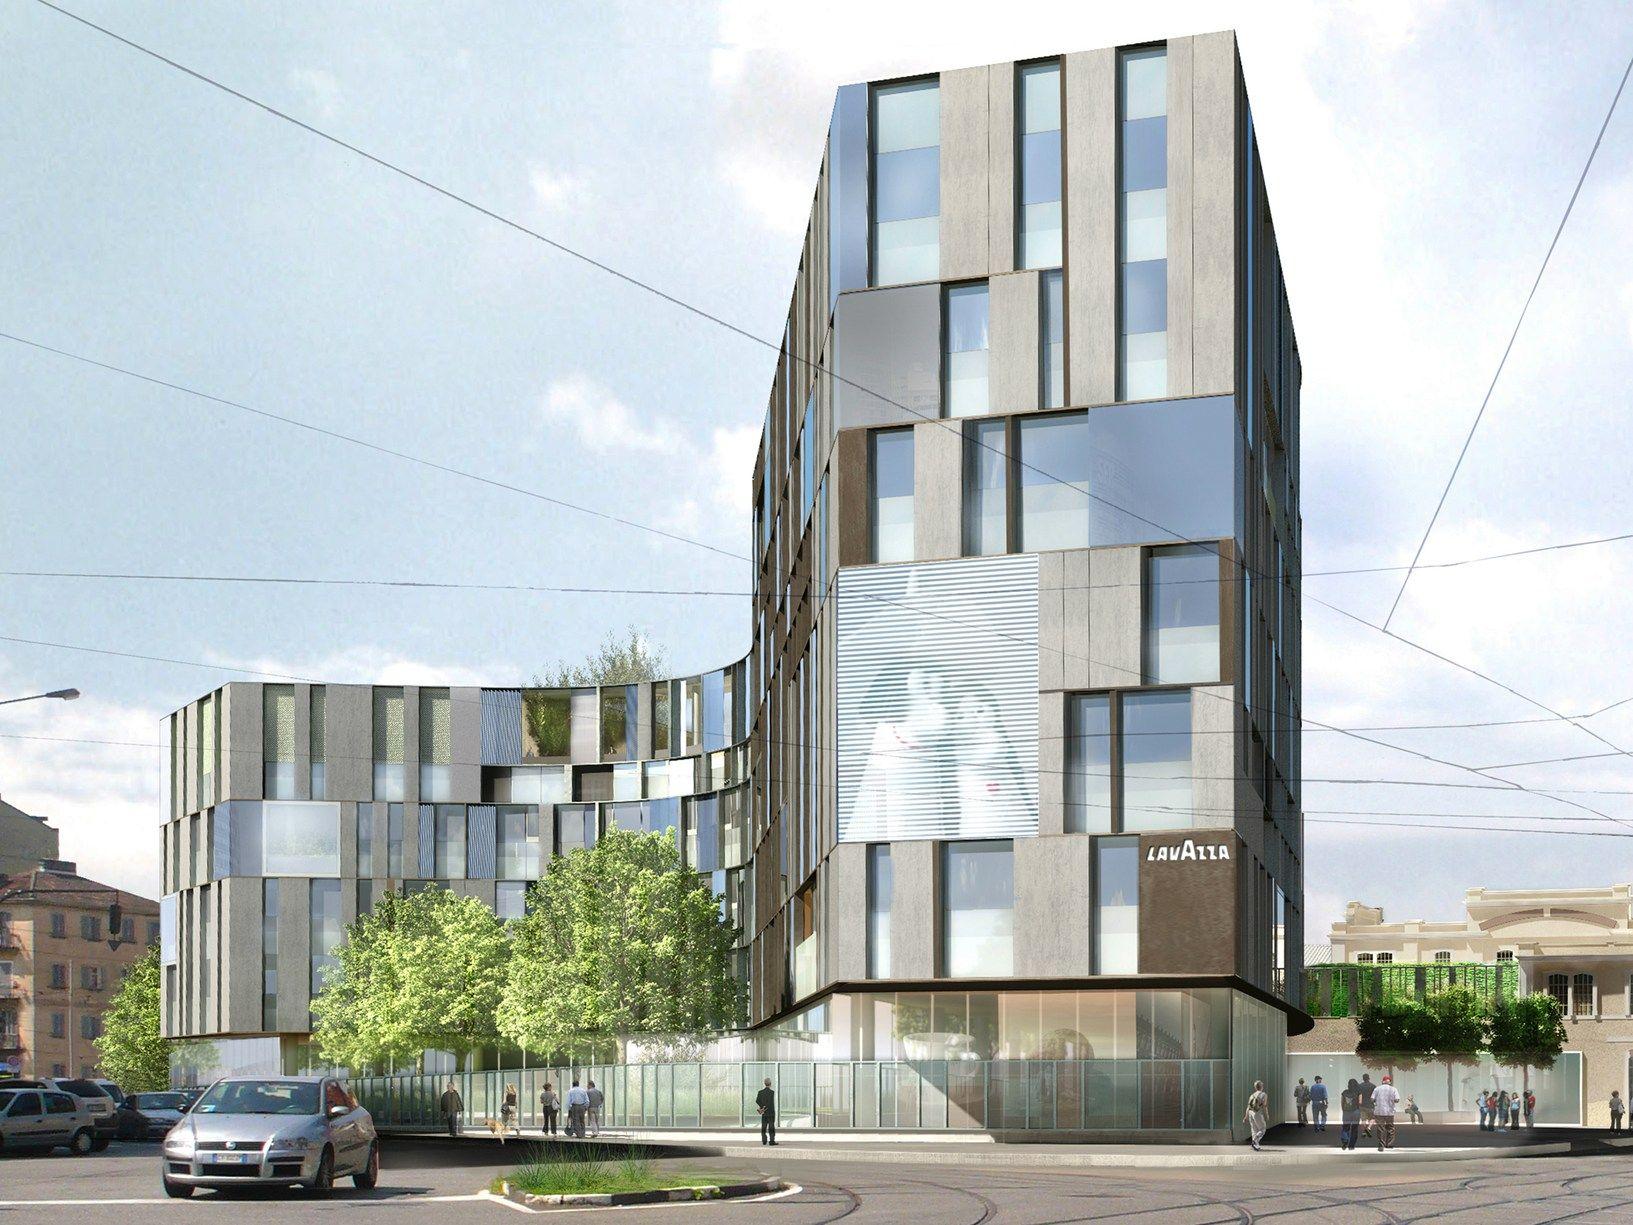 Lavoro Per Architetti Torino a torino la 'nuvola' verde lavazza di cino zucchi architetti